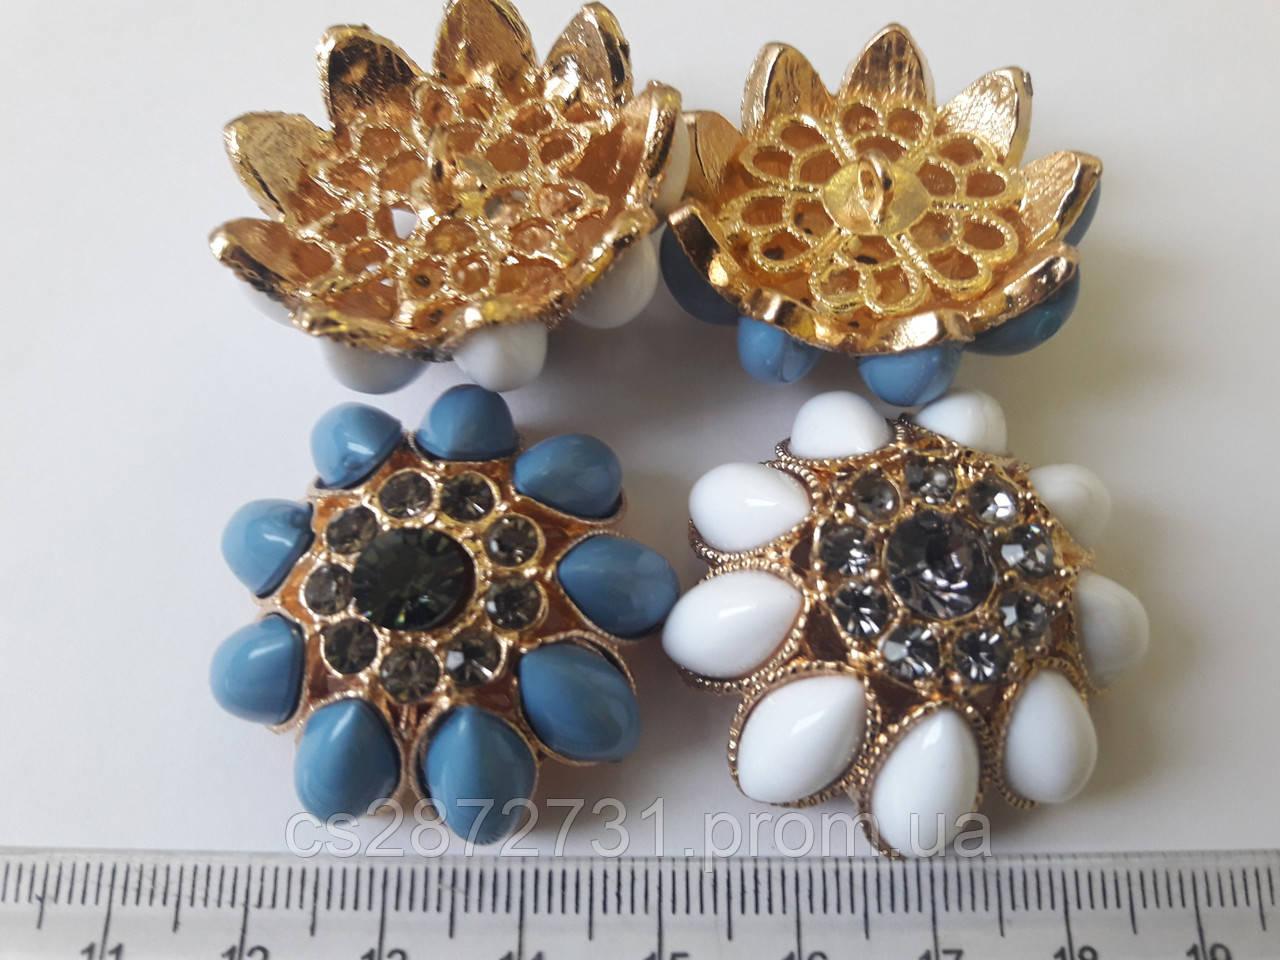 Пуговици декоративные, искуственный камень, хрусталь, форнитура